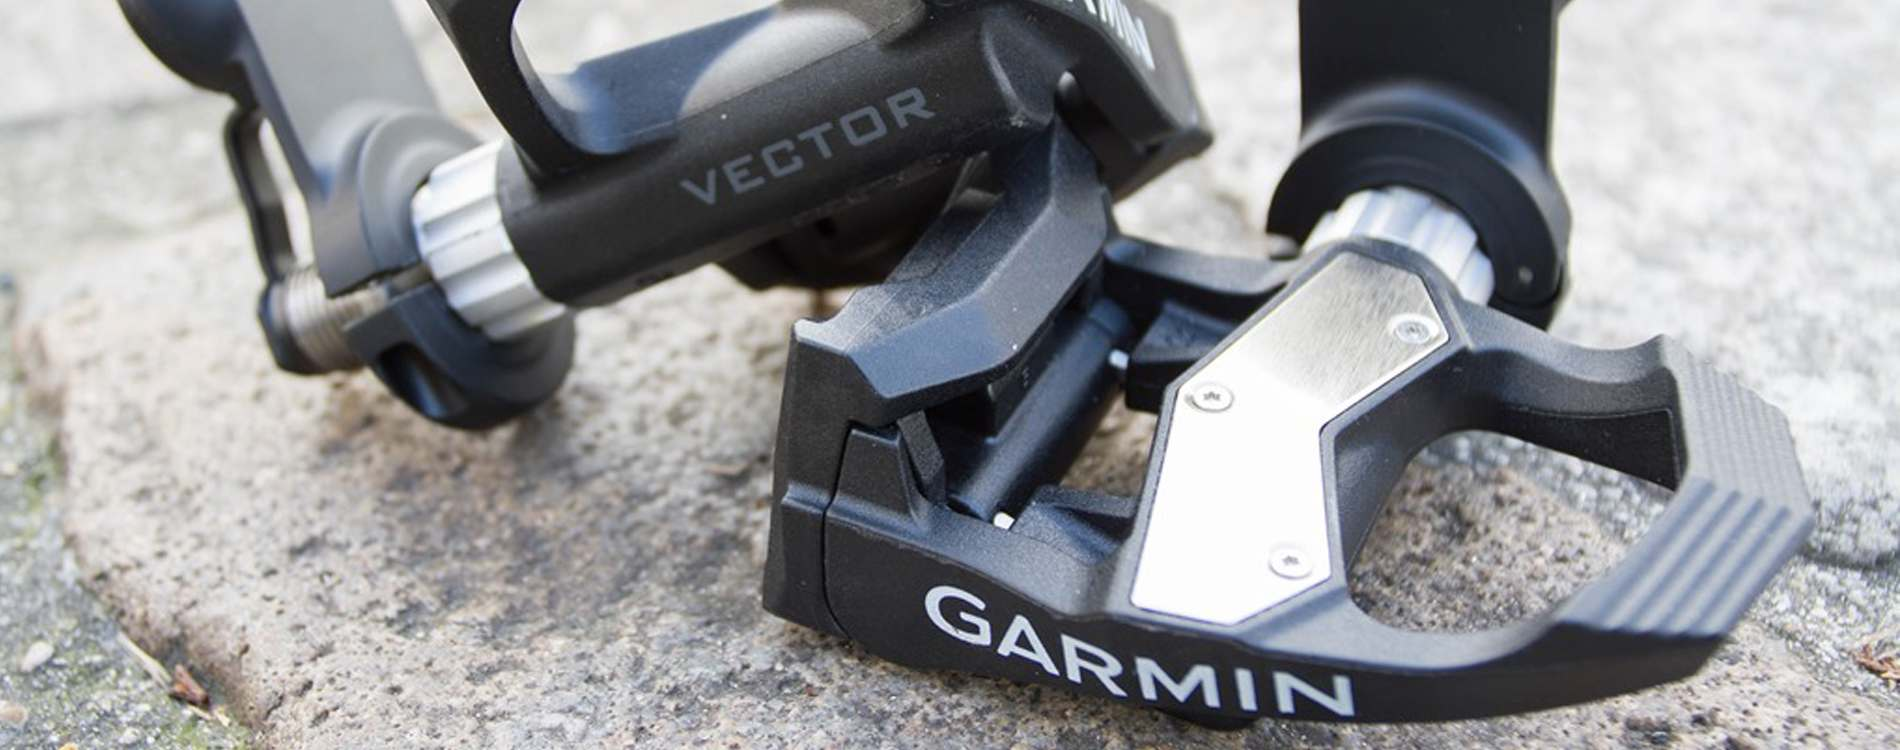 Garmin Vector 2 a soli 849€